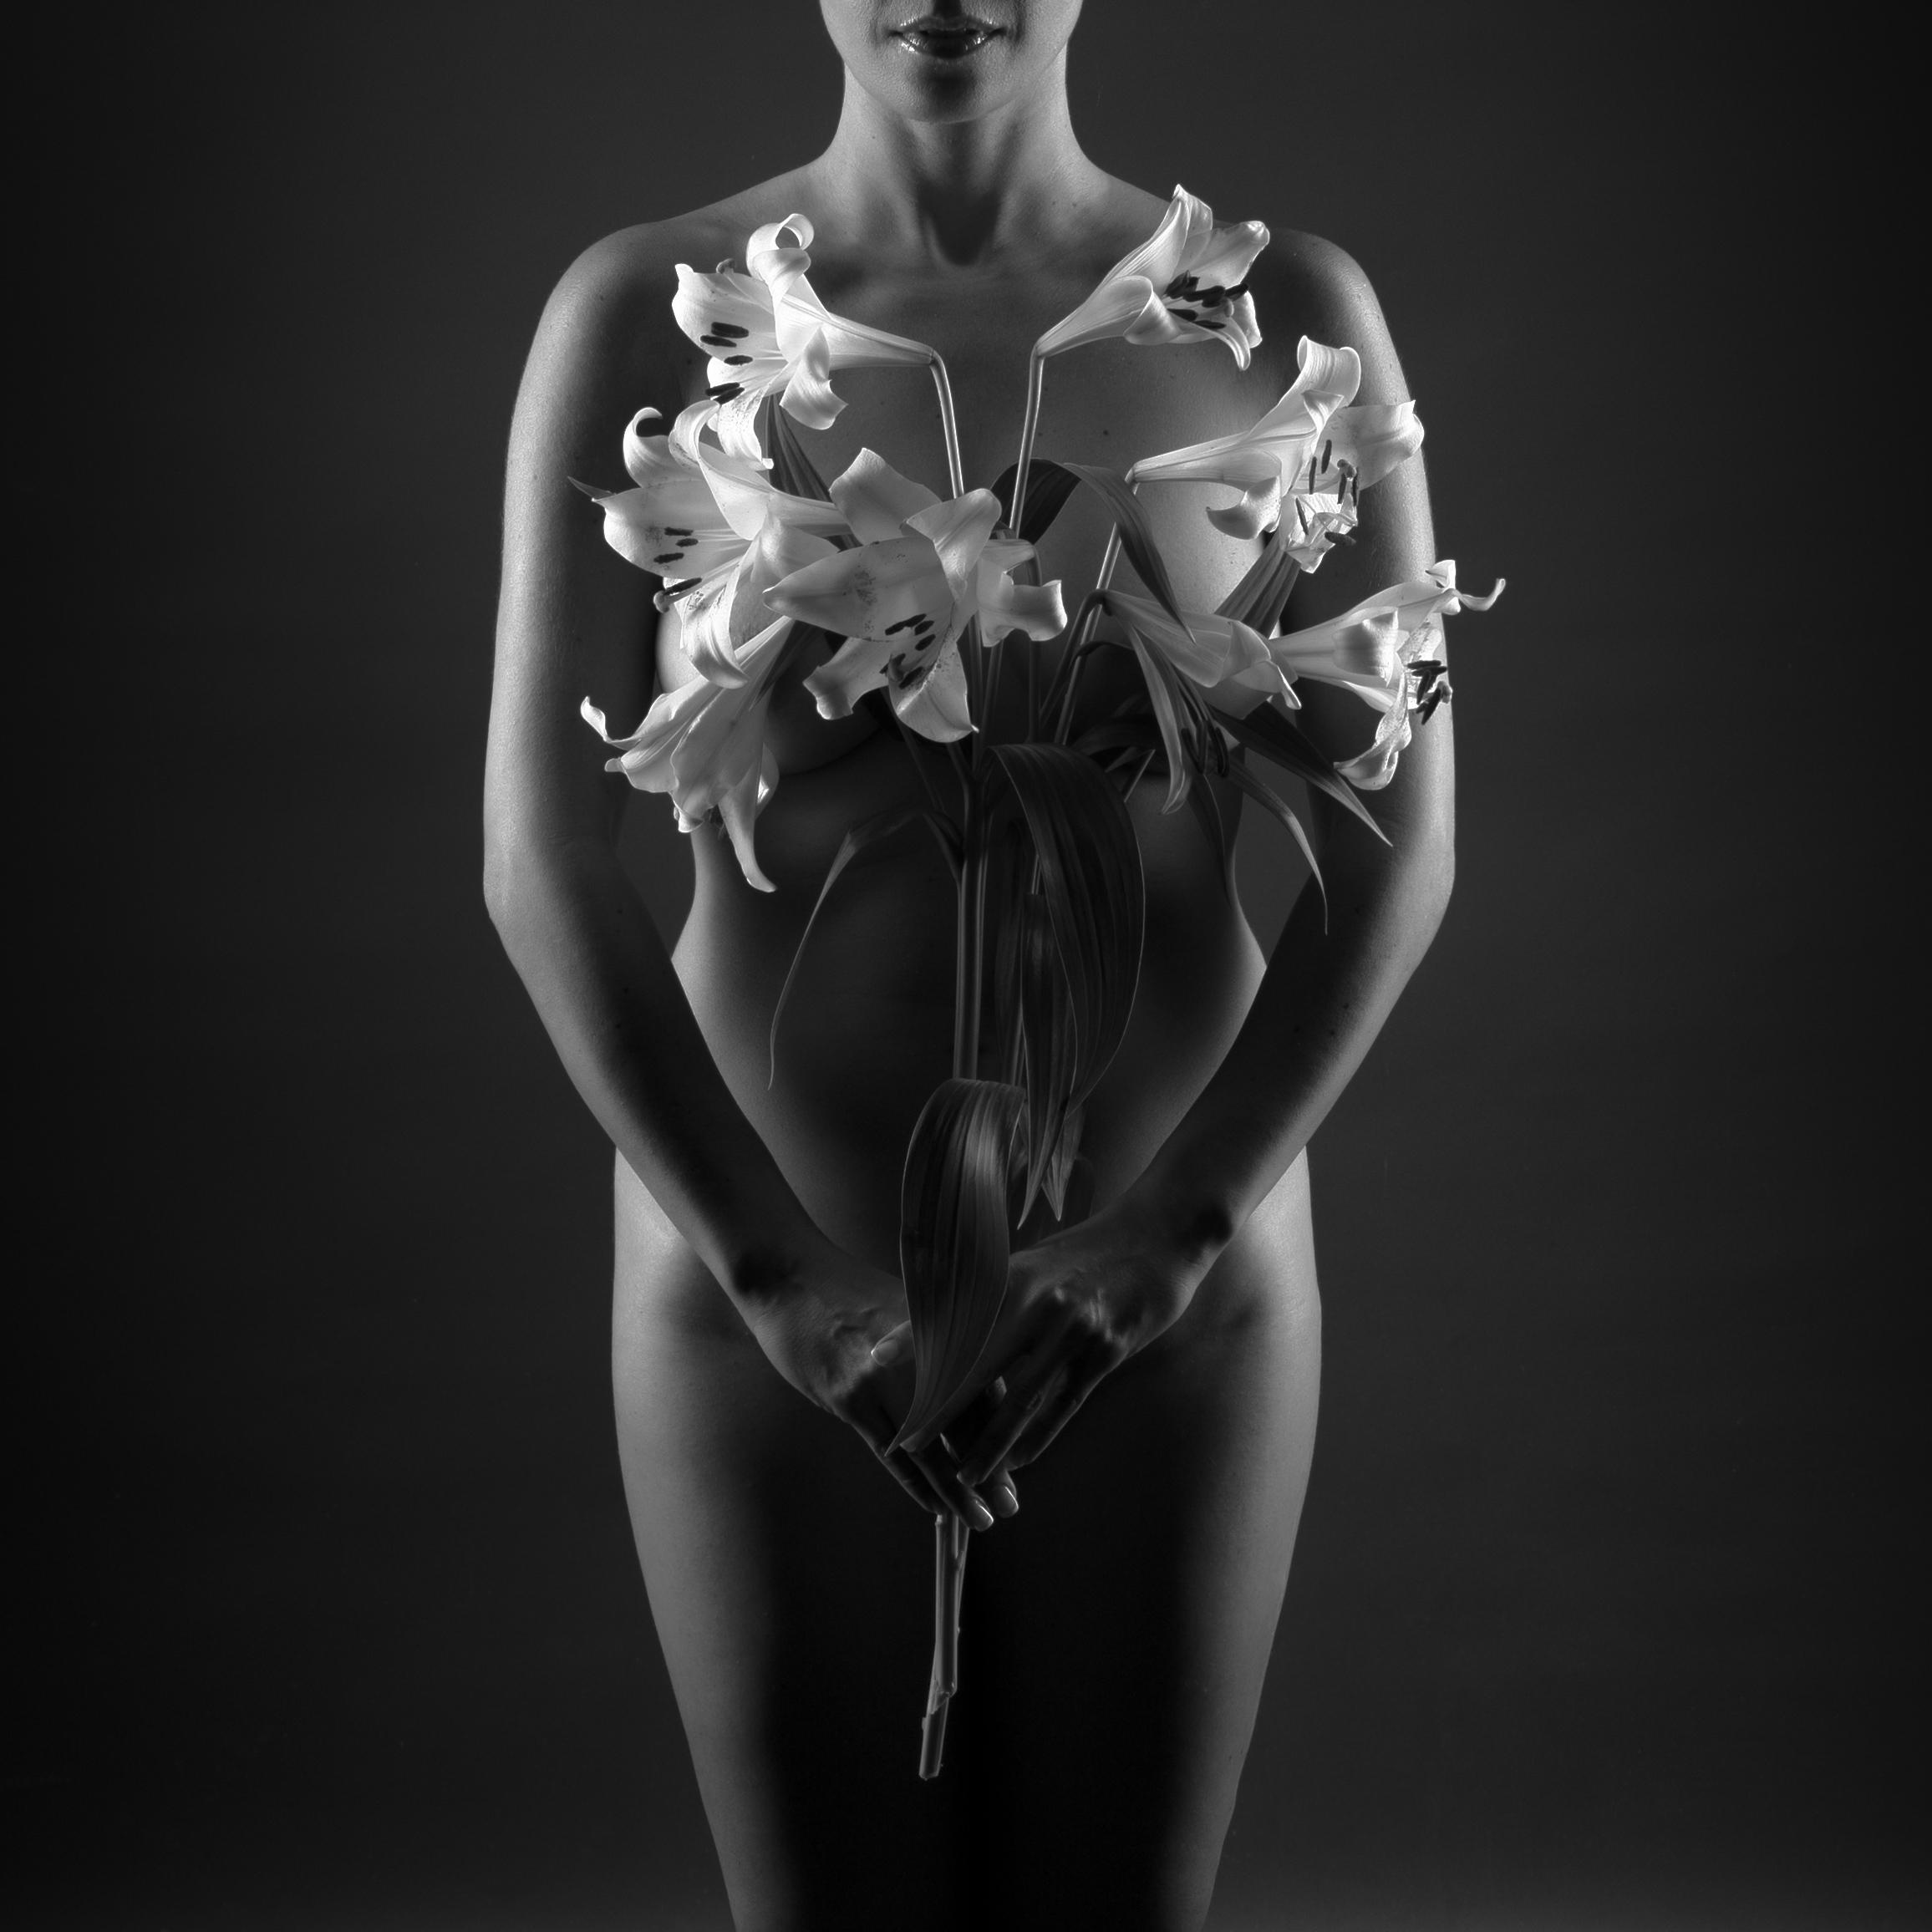 Femme nue cachée par un Lys, en noir et blanc